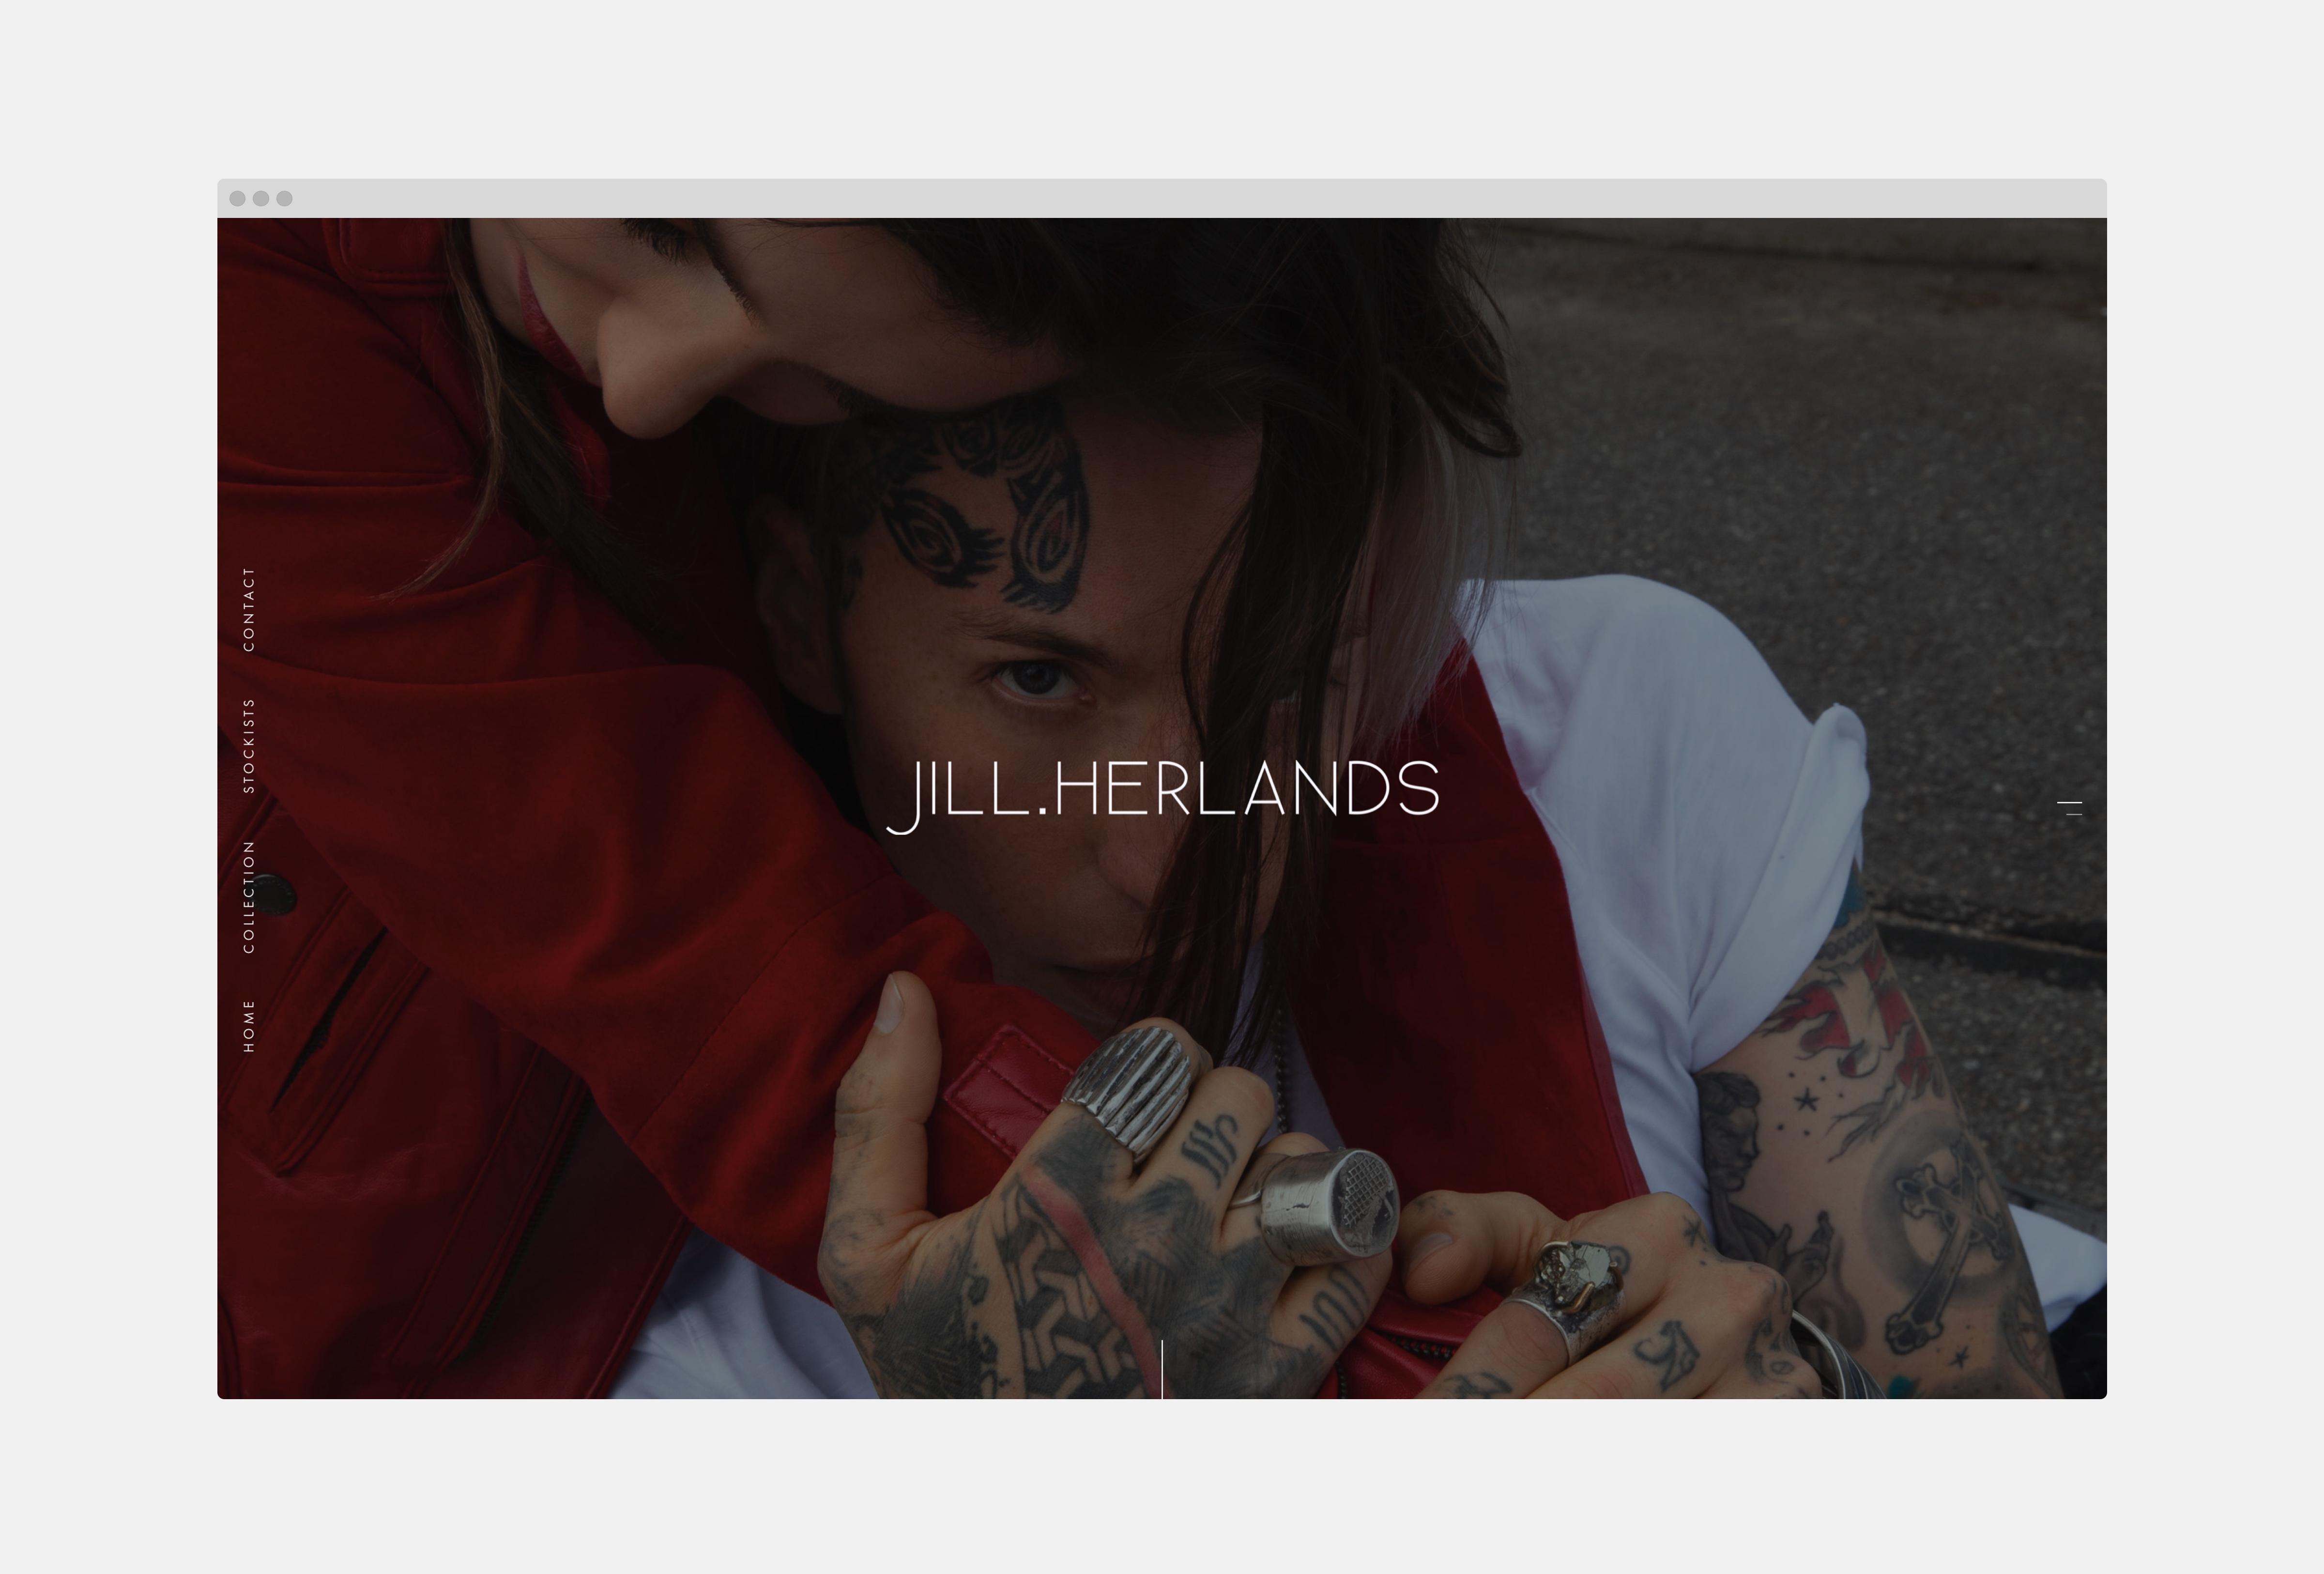 Jill.Herlands - Lovably